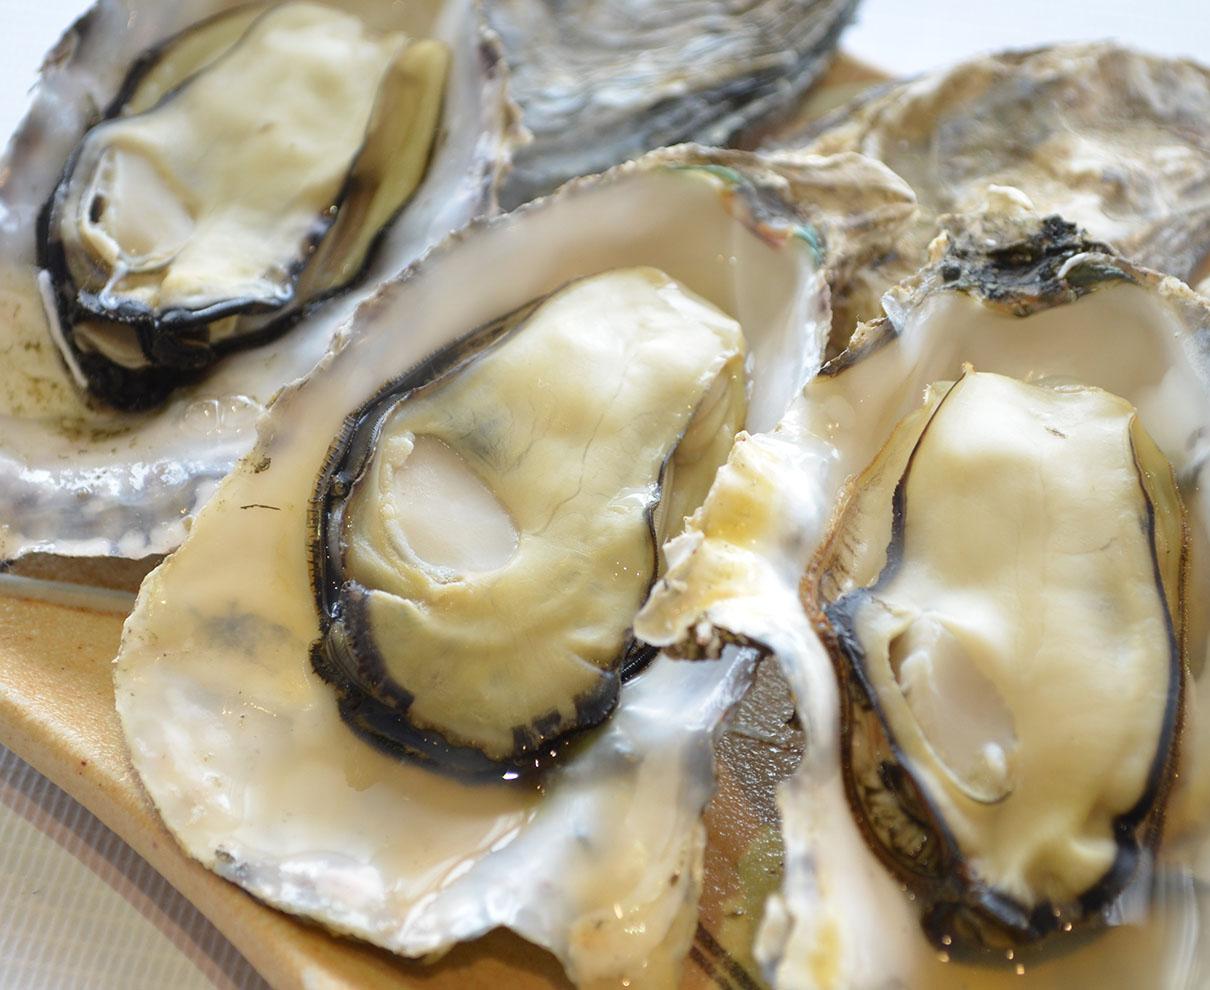 【1/16~】今年もこの季節がやってきた!「若狭牡蠣」が味わえる 牡蠣小屋が期間限定オープン!